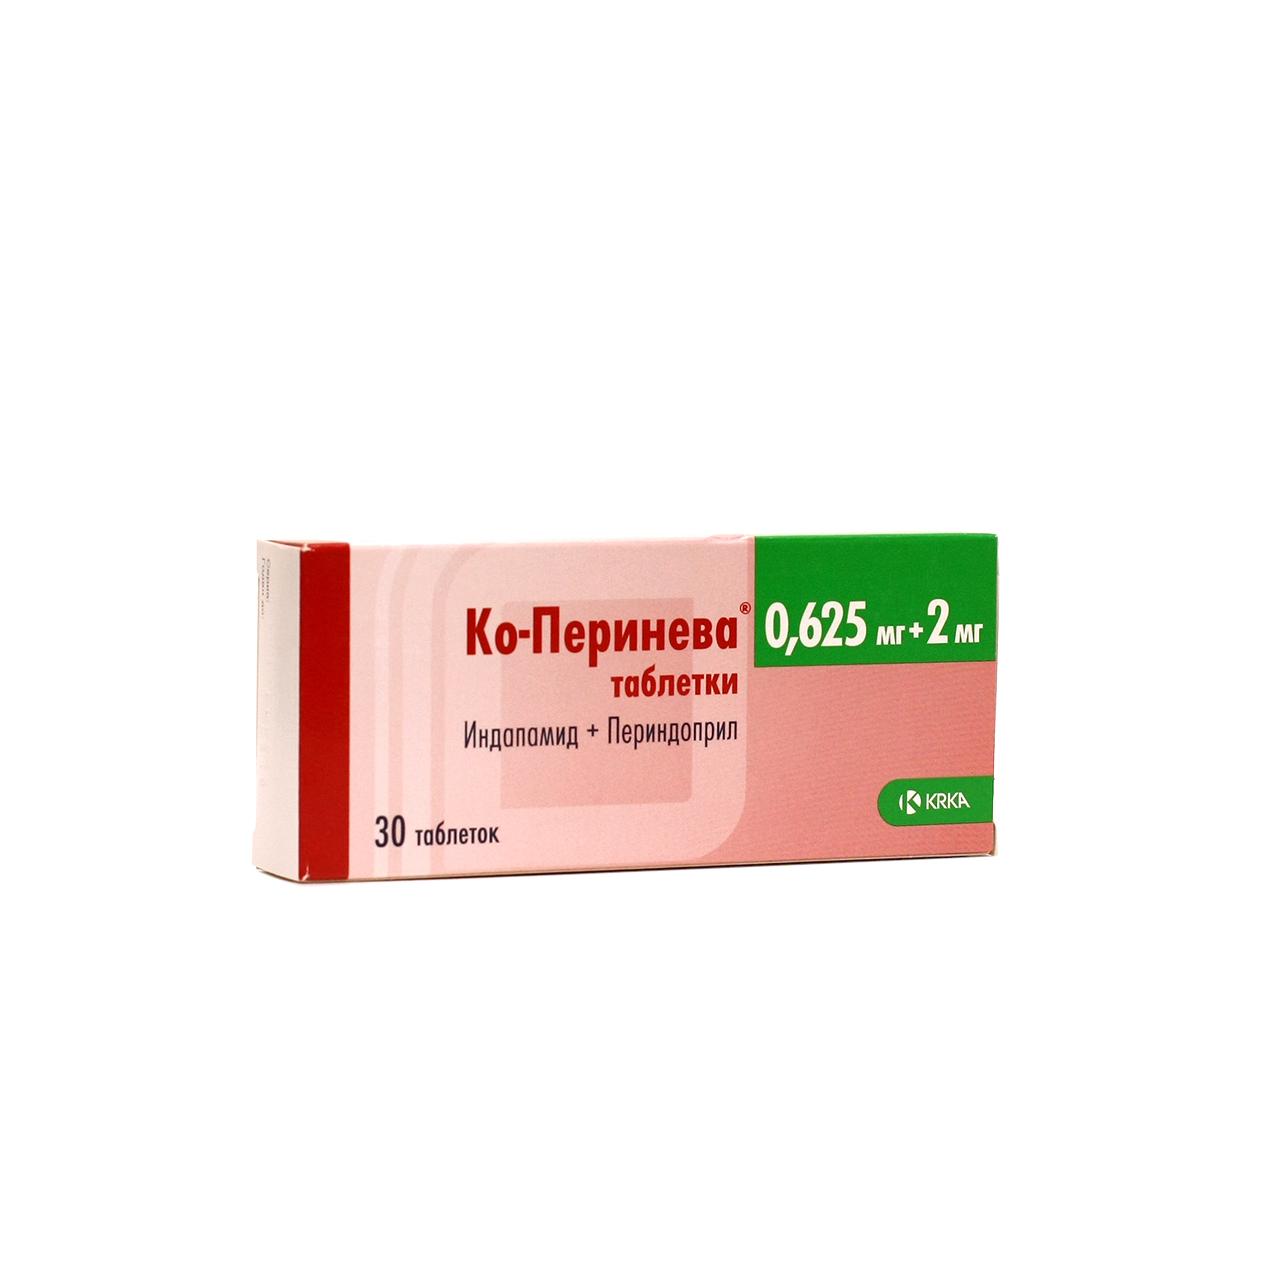 magas vérnyomás elleni gyógyszer co-perineva